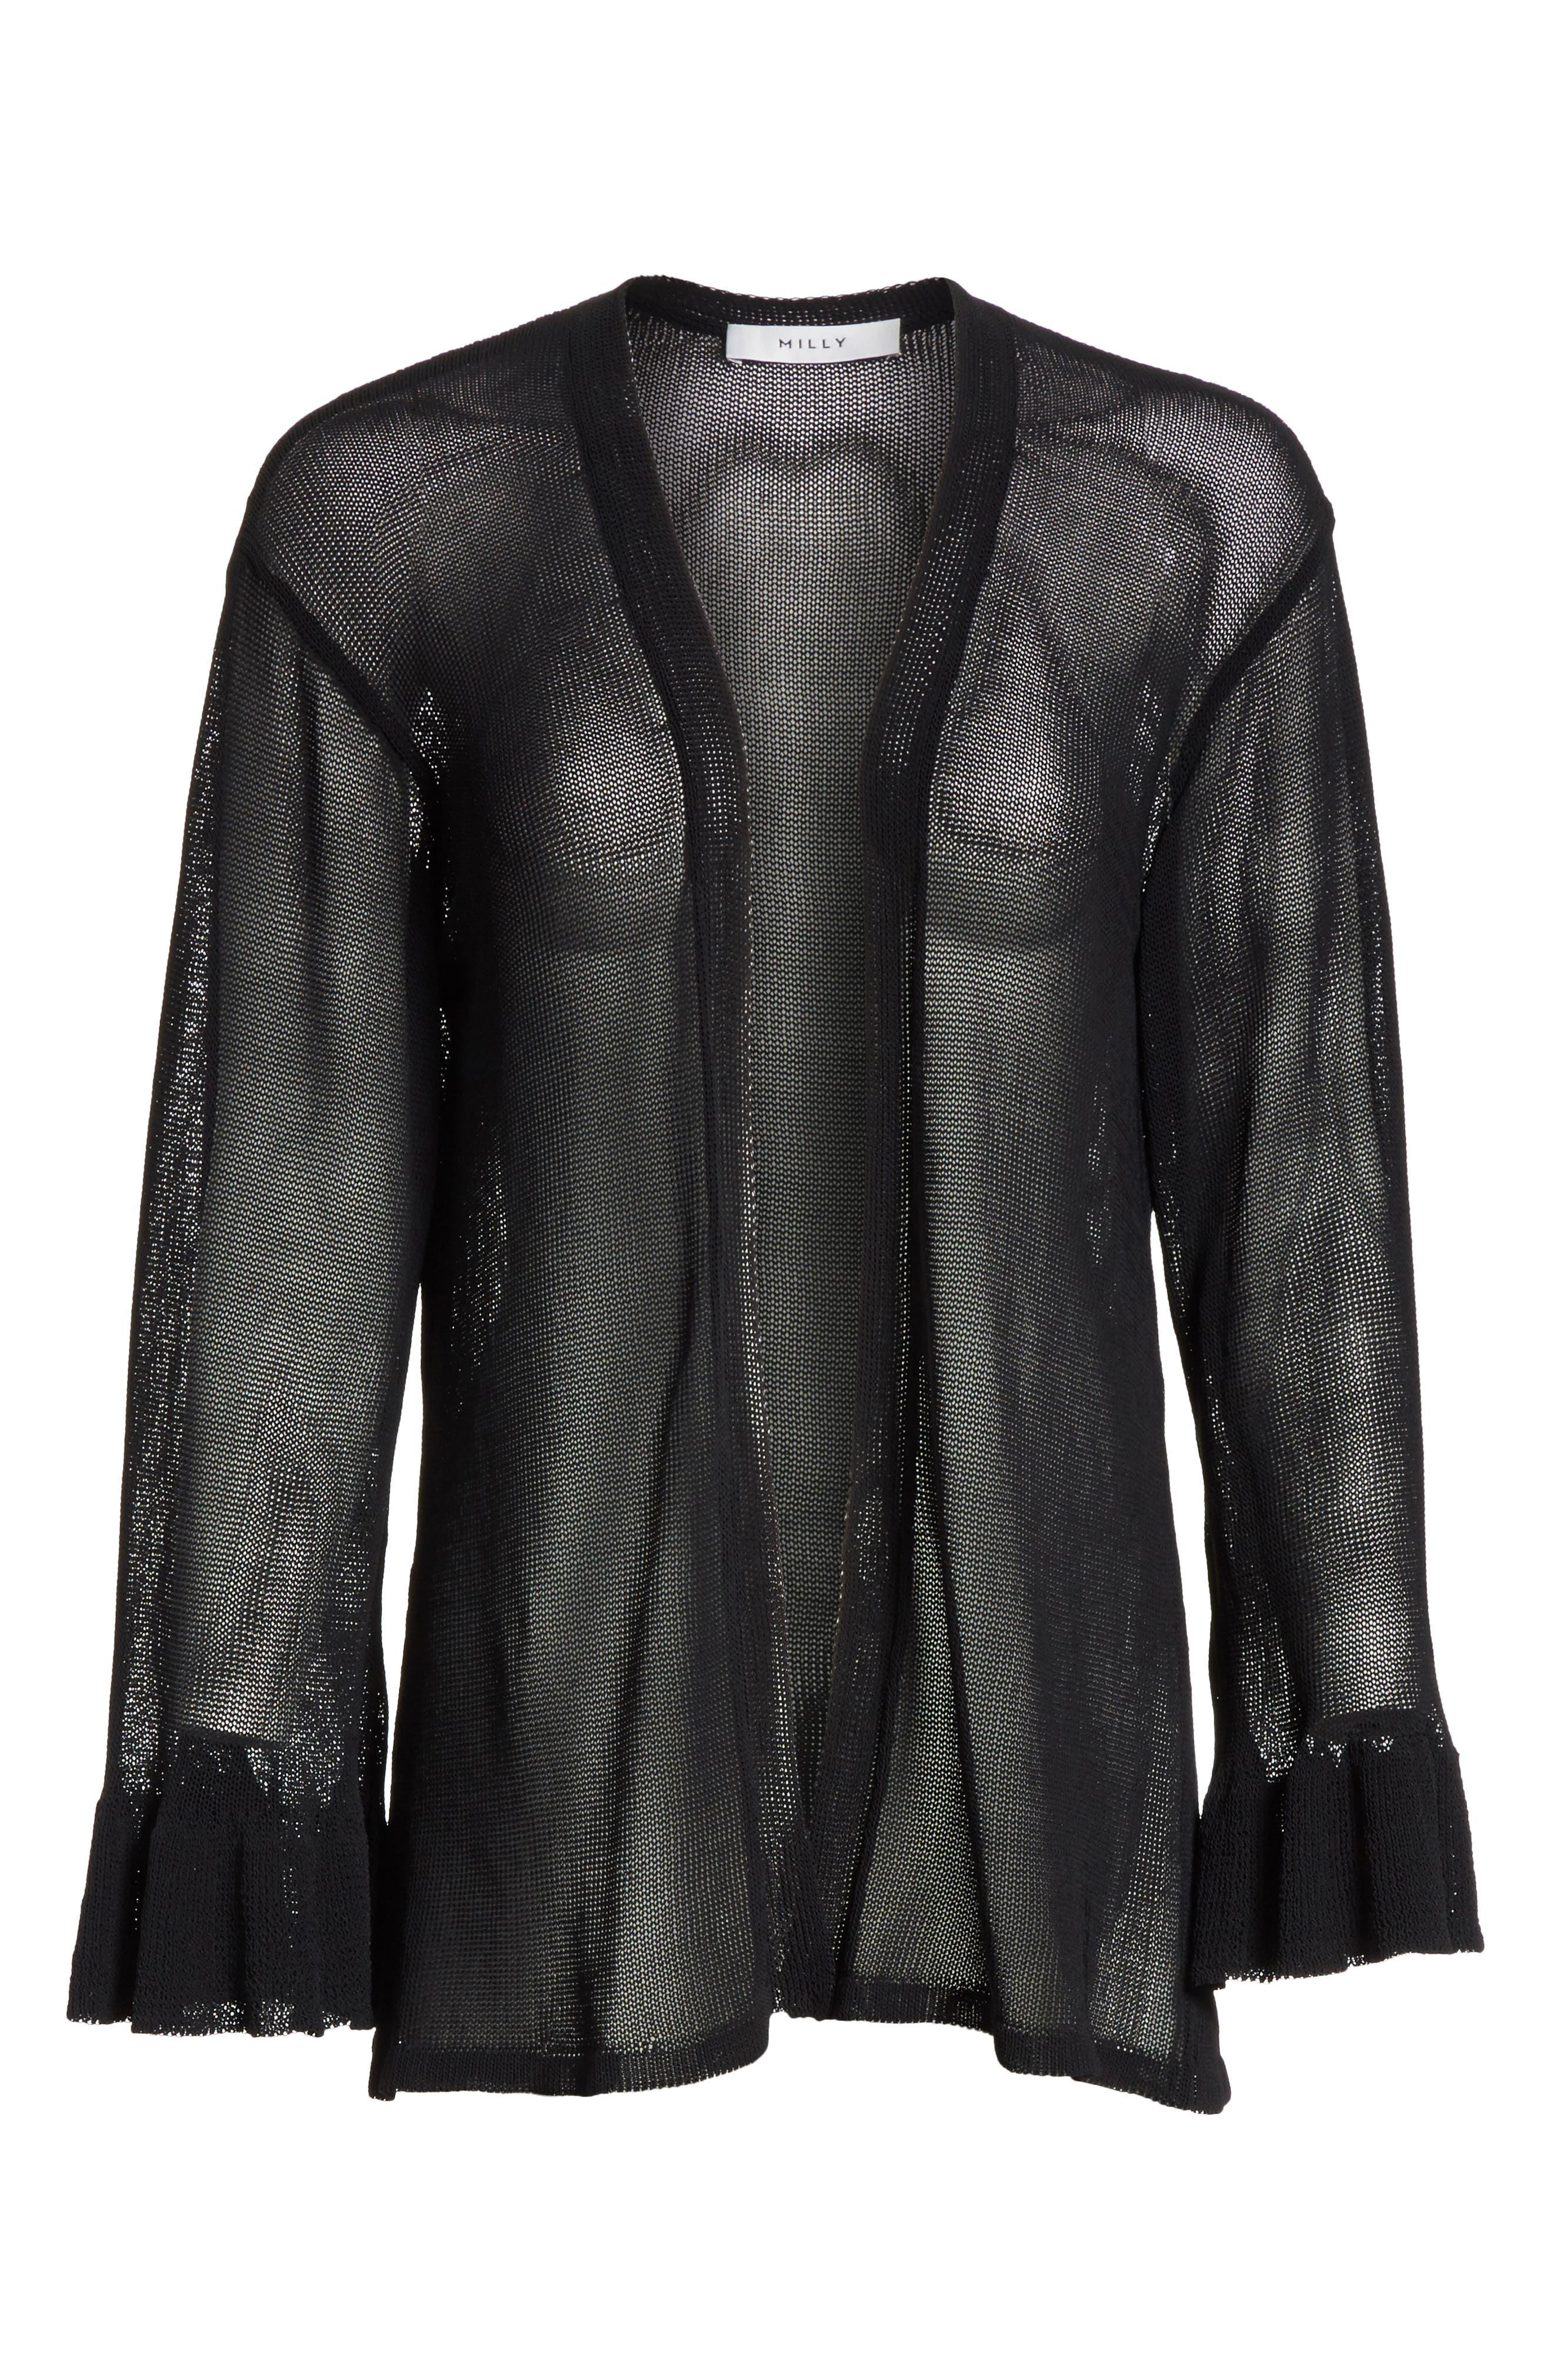 Ruffle Sleeve Italian Mesh Cardigan,                             Alternate thumbnail 6, color,                             Black